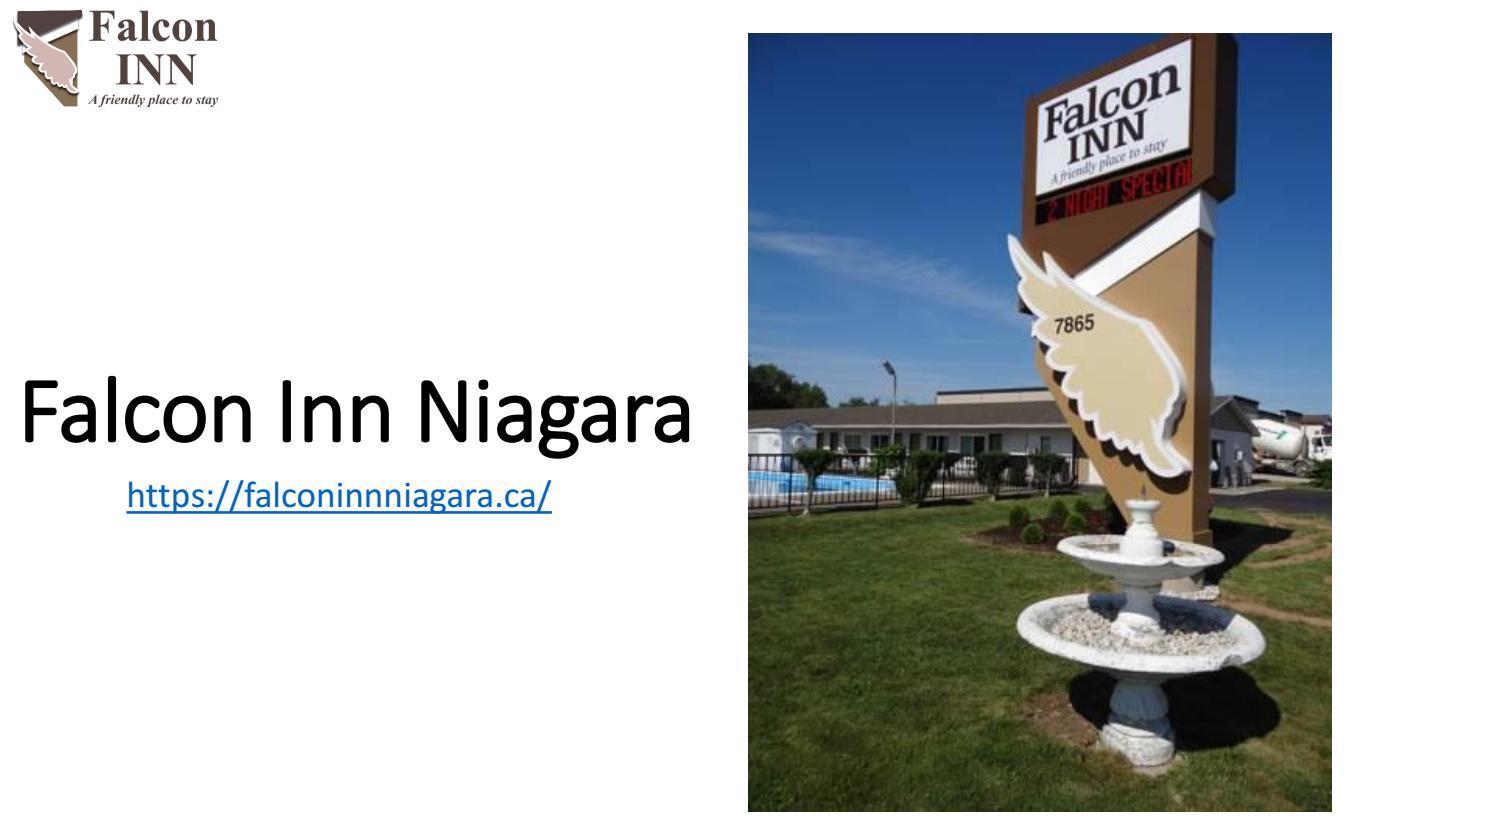 niagara falls falcon inn motel hotel by the casino niagara falls on canada